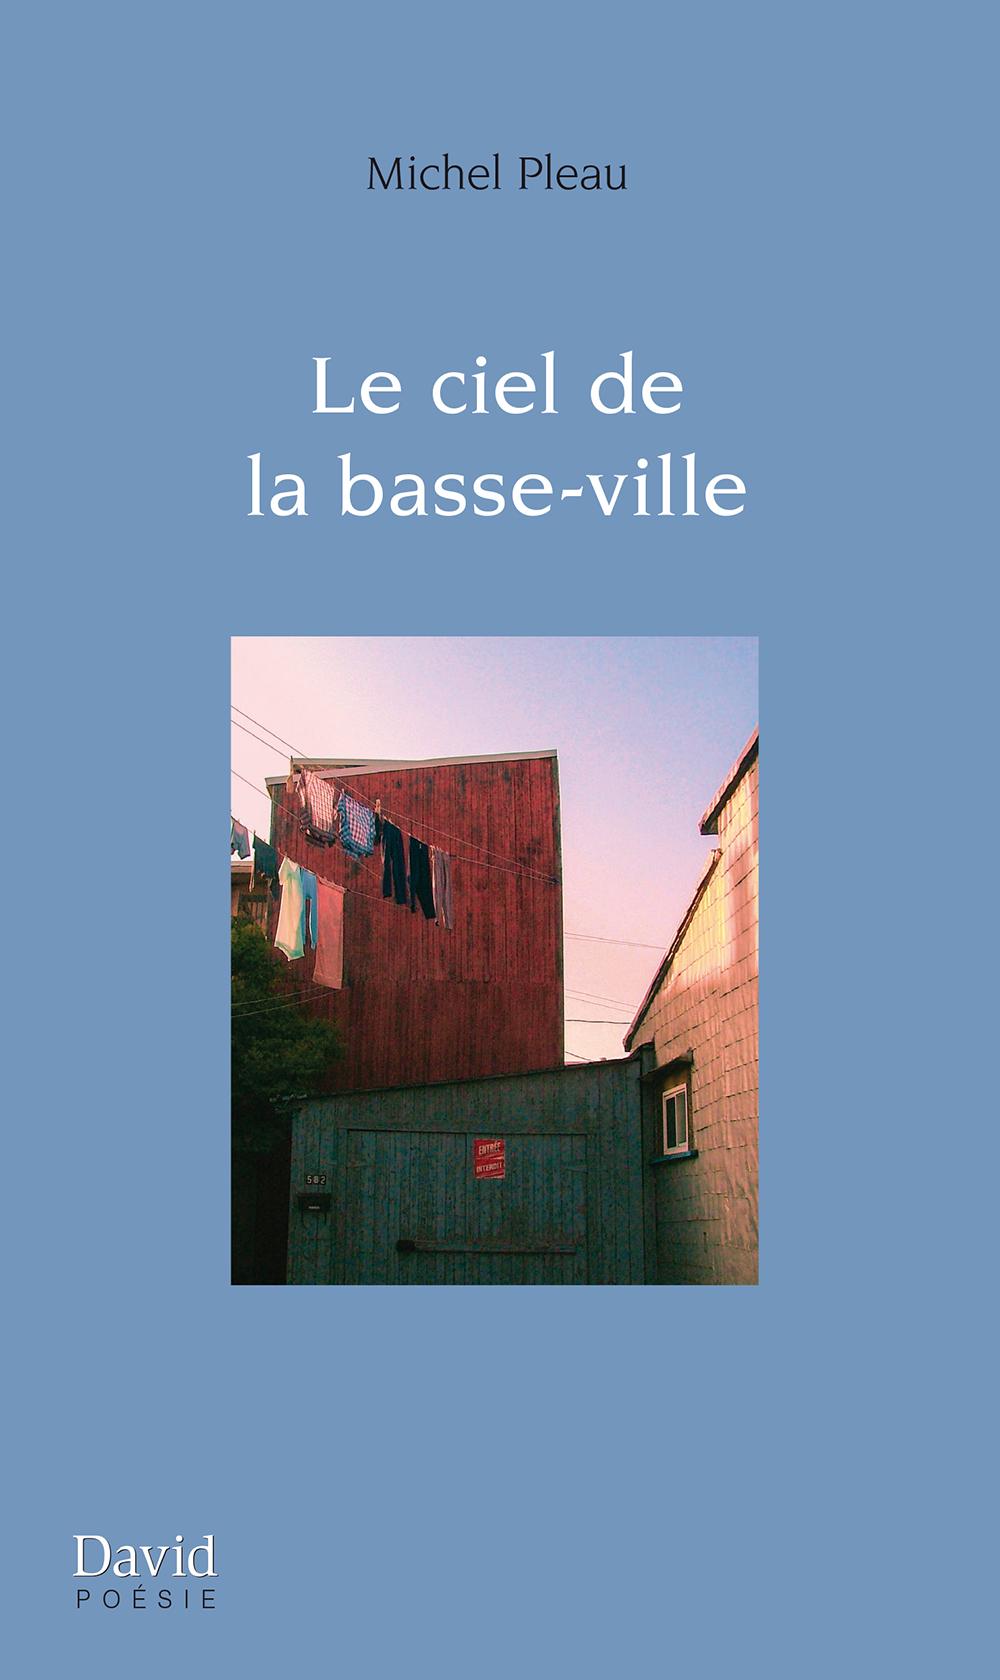 Copy of Le ciel de la basse-ville